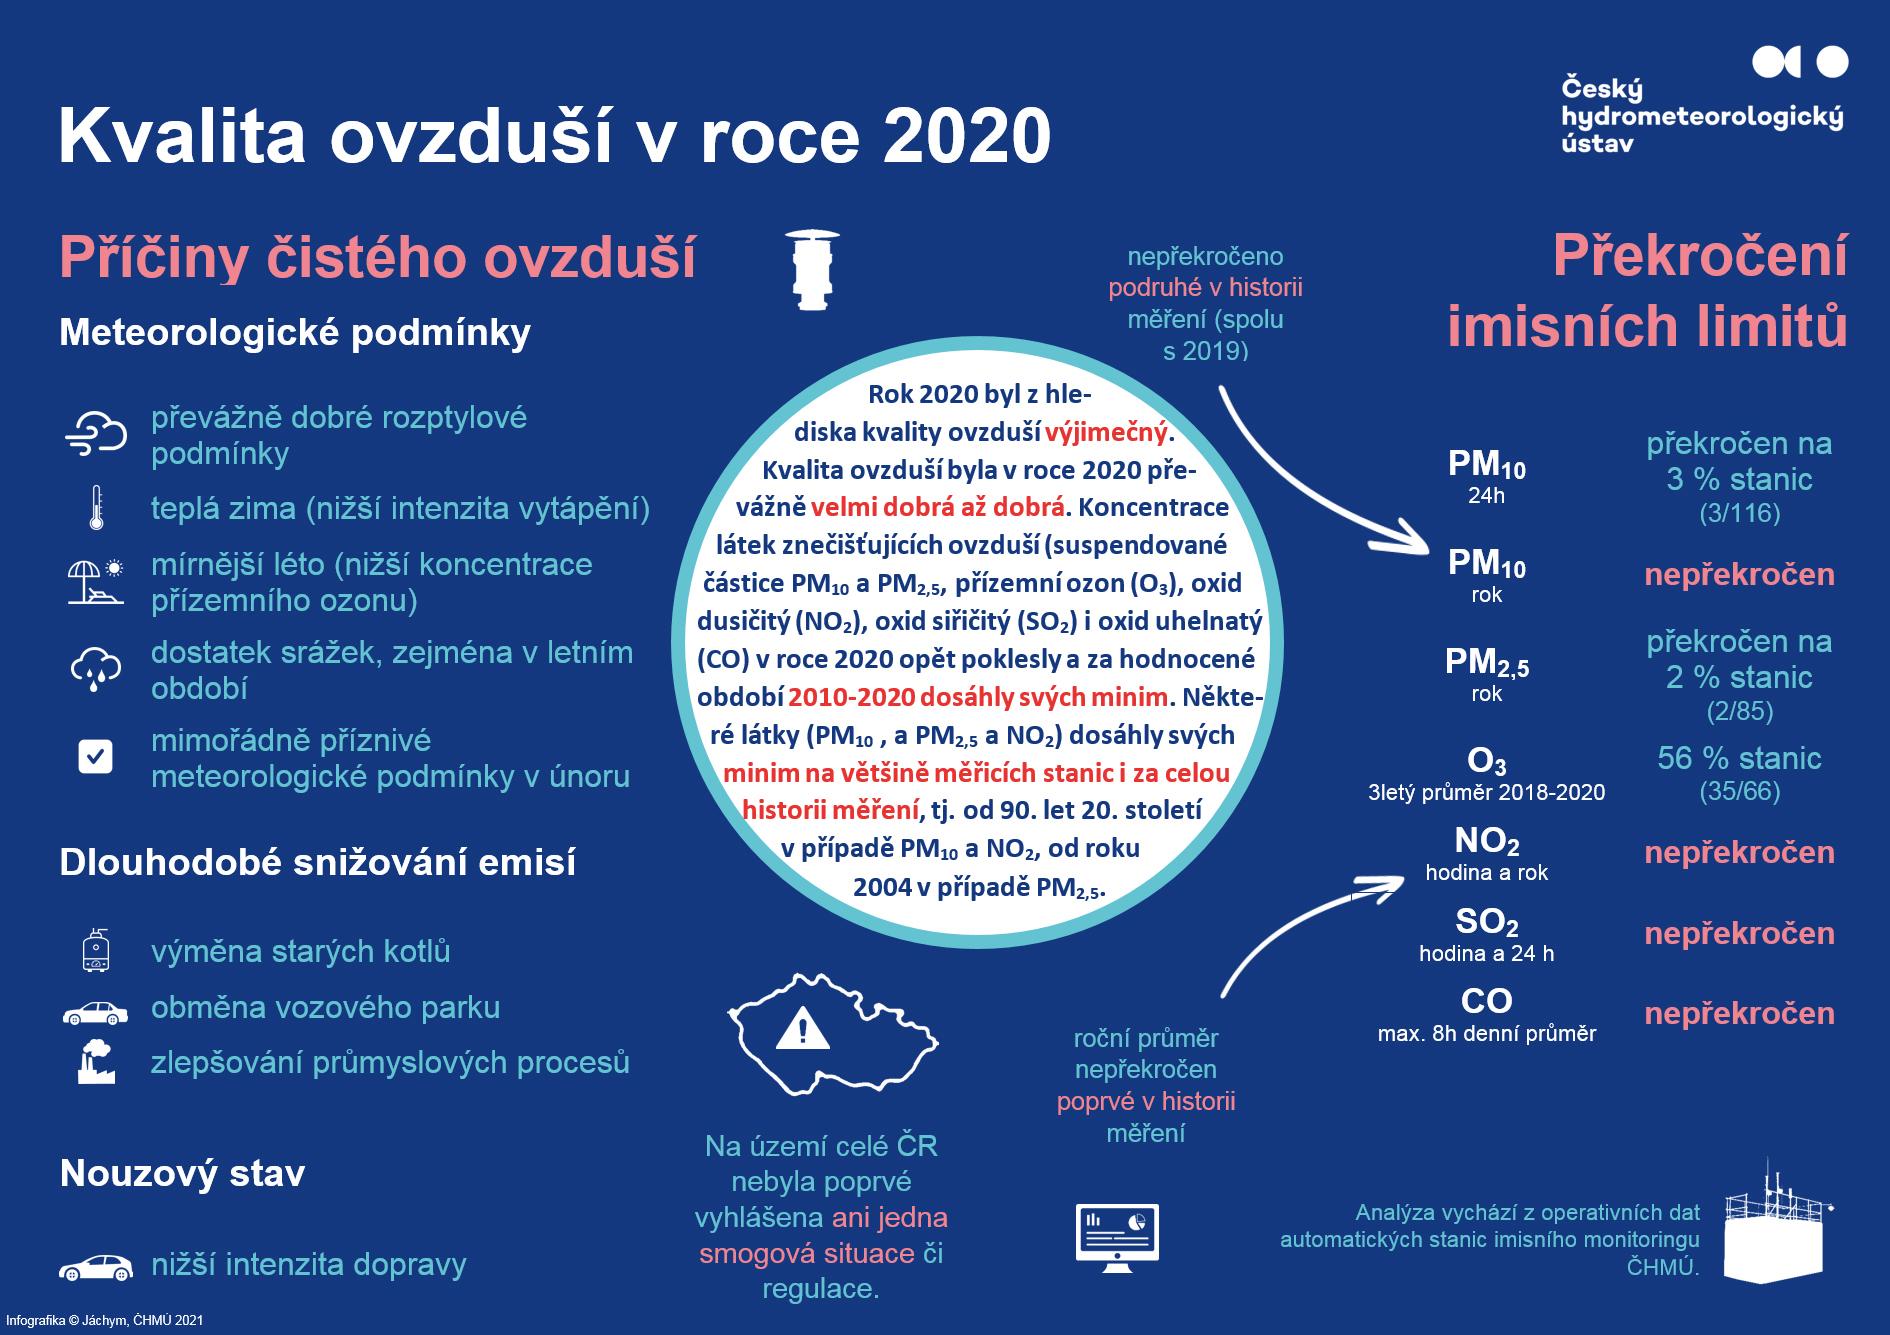 Kvalita ovzduší byla v České republice v roce 2020 na řadě míst nejlepší v historii měření1 min čtení